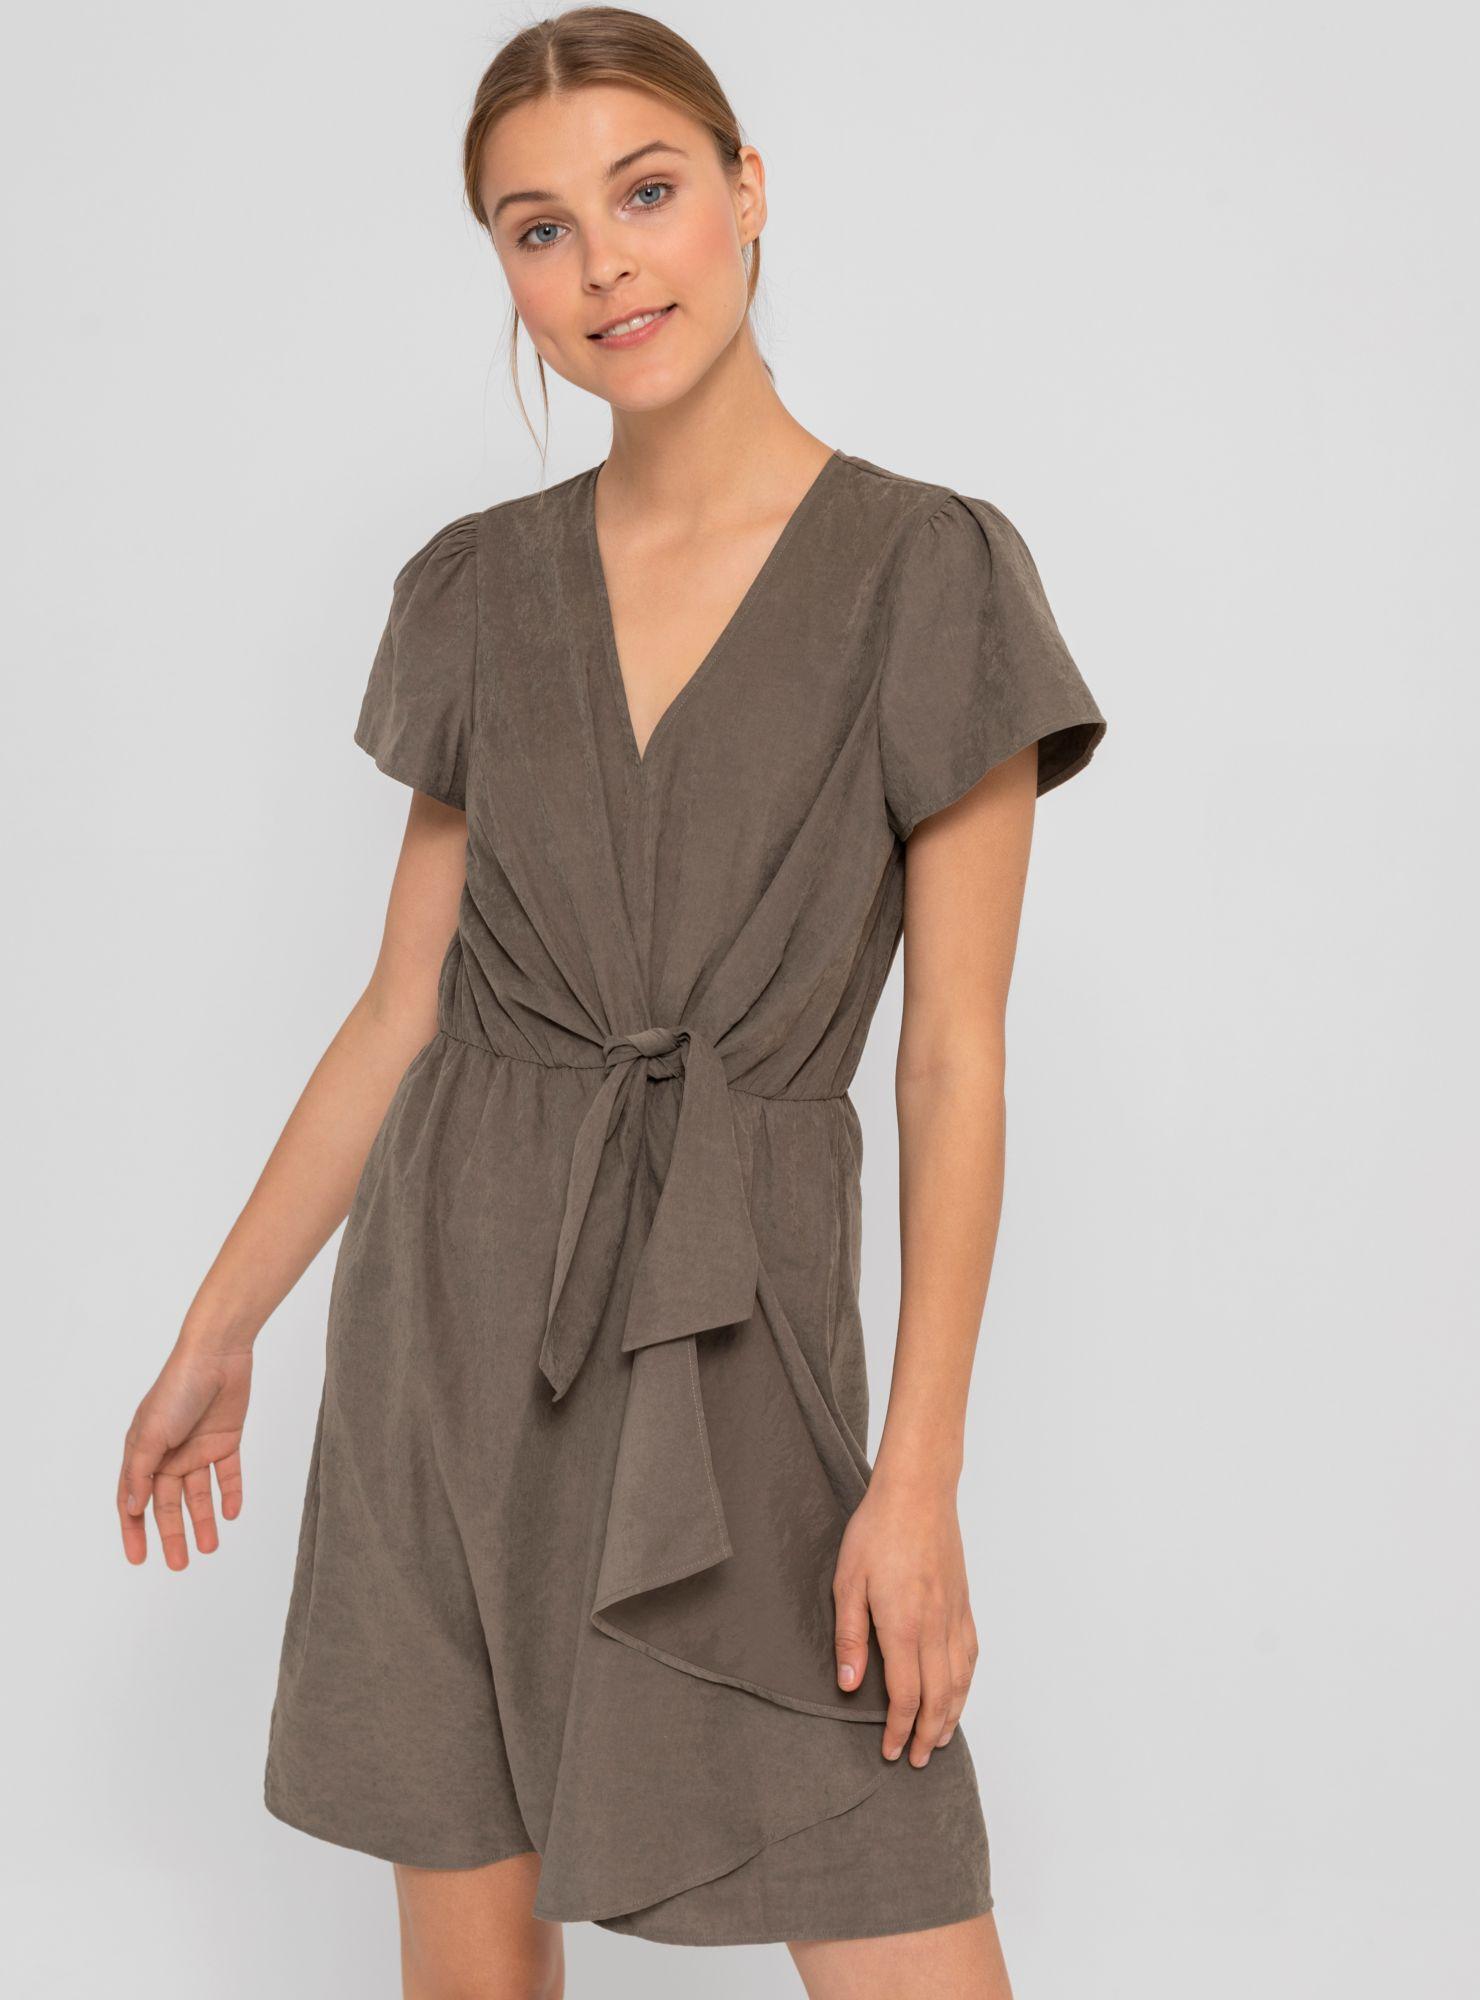 Modelos de vestidos semi largos casuales